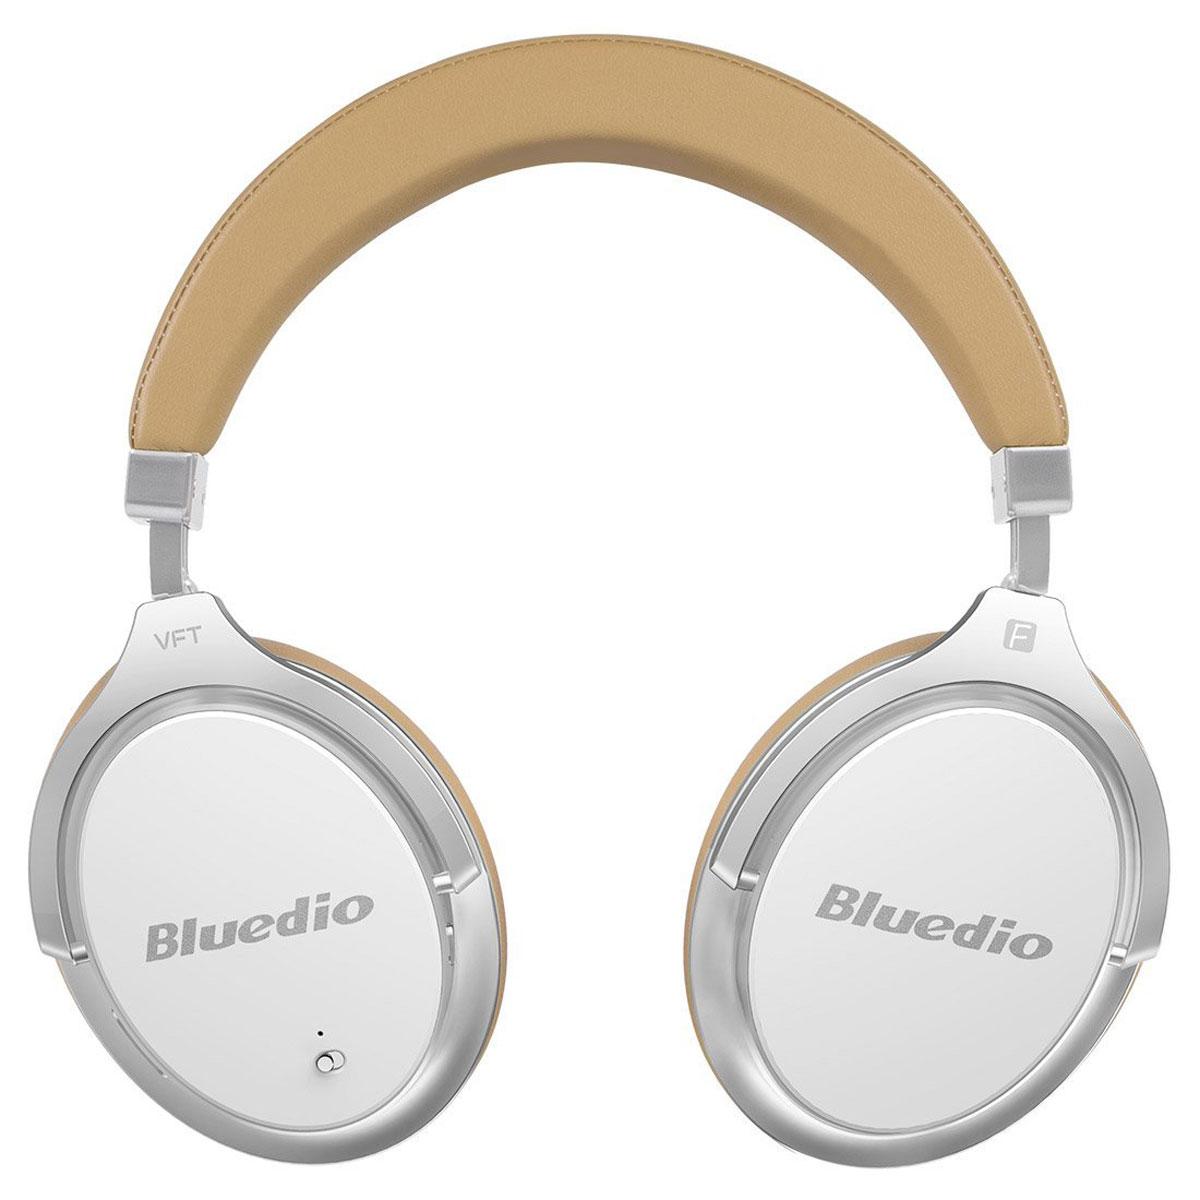 Bluedio Faith 2, White беспроводные наушникиFaith2 whiteБеспроводные наушники с микрофоном Bluedio Faith 2 можно подключать к мобильным устройствам благодарятехнологии Bluetooth 4.2. Гарнитура работает от встроенного аккумулятора, которого хватит на 16 часовпрослушивания музыки. Удобное широкое оголовье можно регулировать, а складная конструкция позволяетхранить или перевозить наушники в чехле. При желании их можно подключить к источнику аудио с помощьюкомплектного кабеля с разъемом 3.5 мм. Управление функциями осуществляется с помощью кнопок,расположенных на правой чашке наушников.Функция ANC Разрядность и частота дискретизации: 24 бит/48 кГц Время зарядки аккумулятора: 1,5 часа